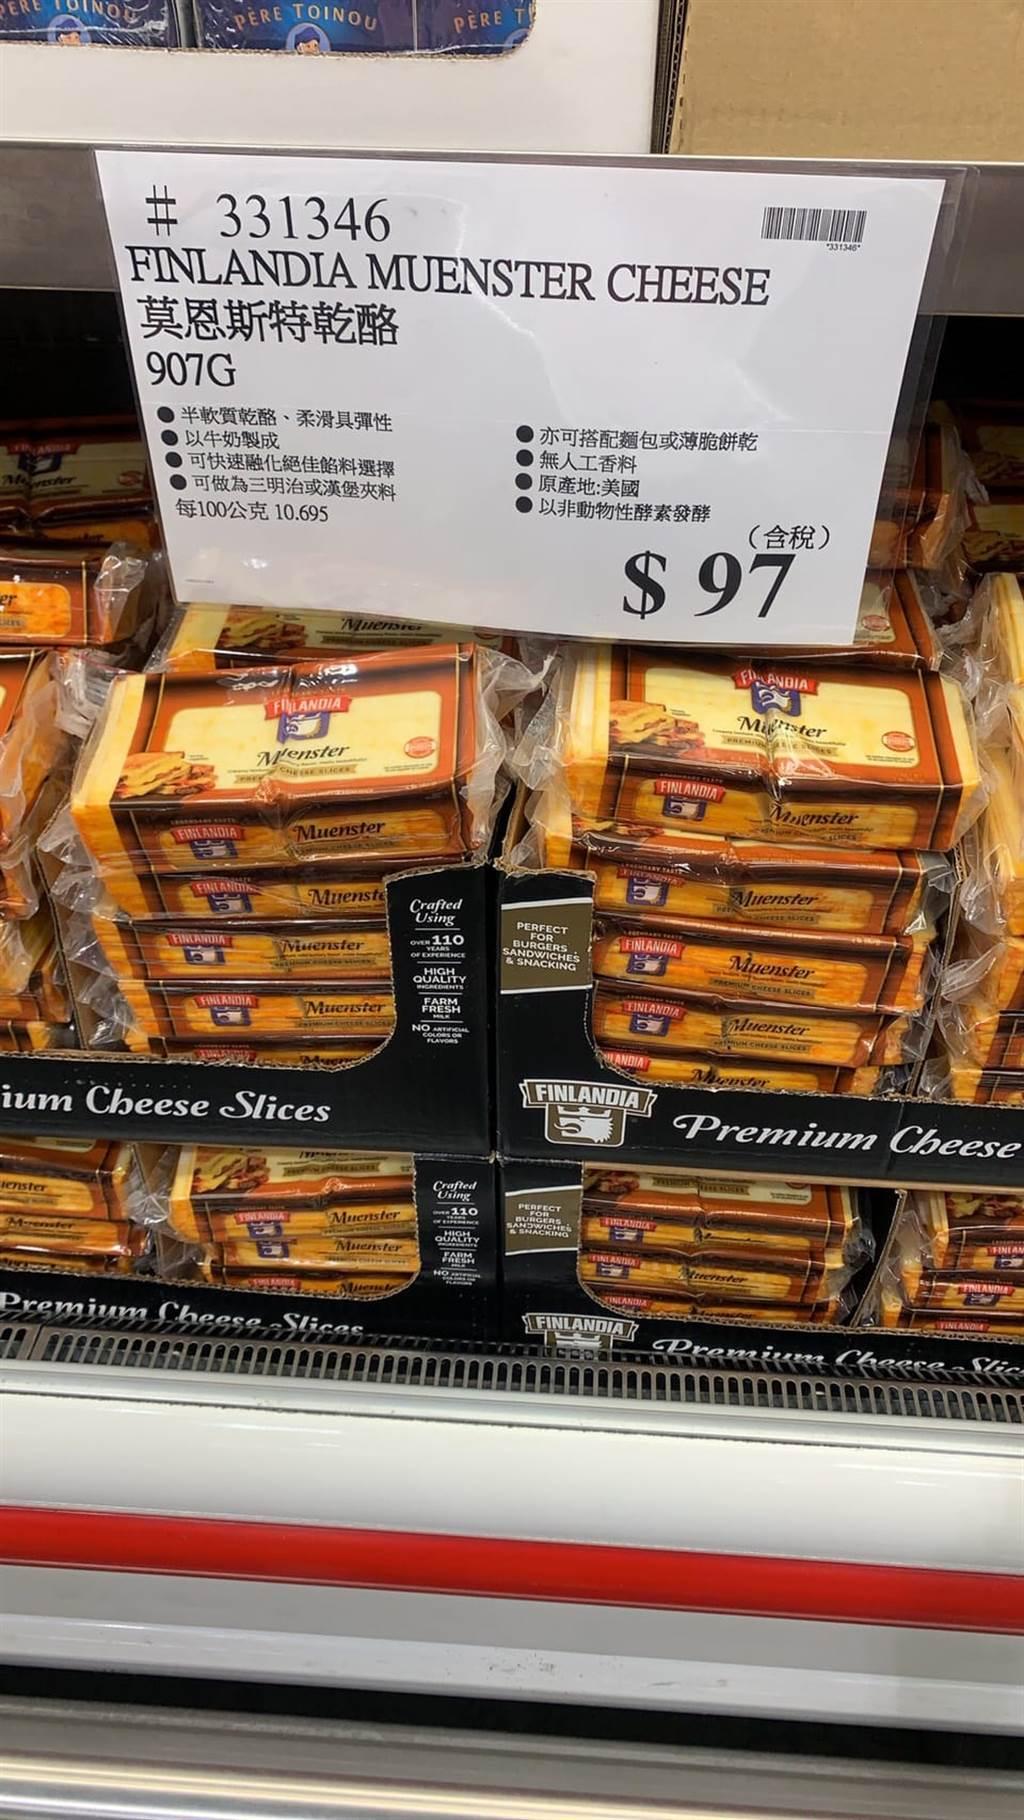 好市多一款熱銷乾酪正以一包97元出清,讓網友直呼太划算 (圖/Costco好市多 商品經驗老實說)